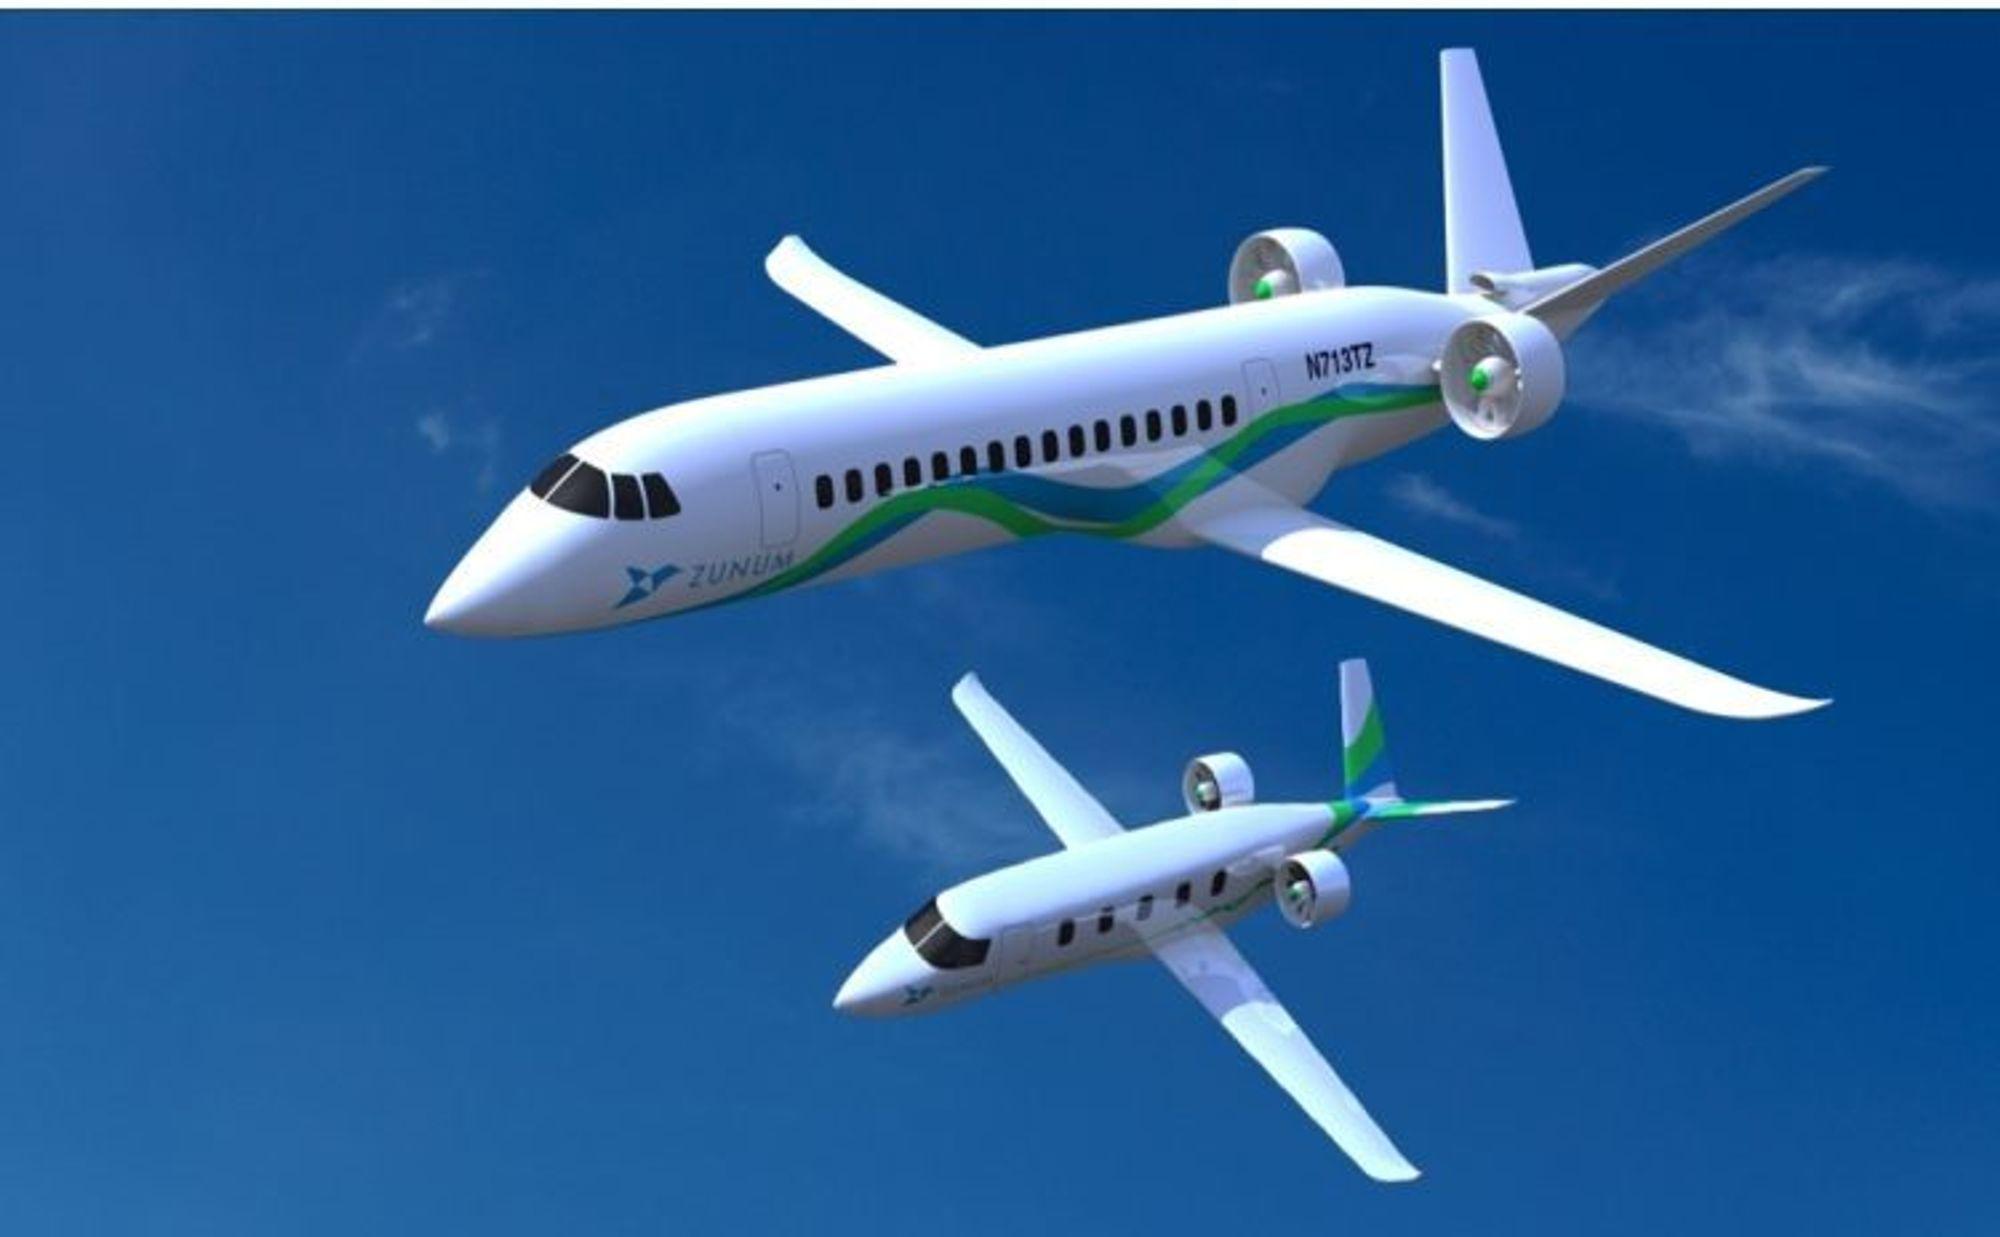 Det nystartede flyselskapet Zunum Aero har planer om å kunne transportere opptil 50 passasjerer i et el- eller hybridfly.